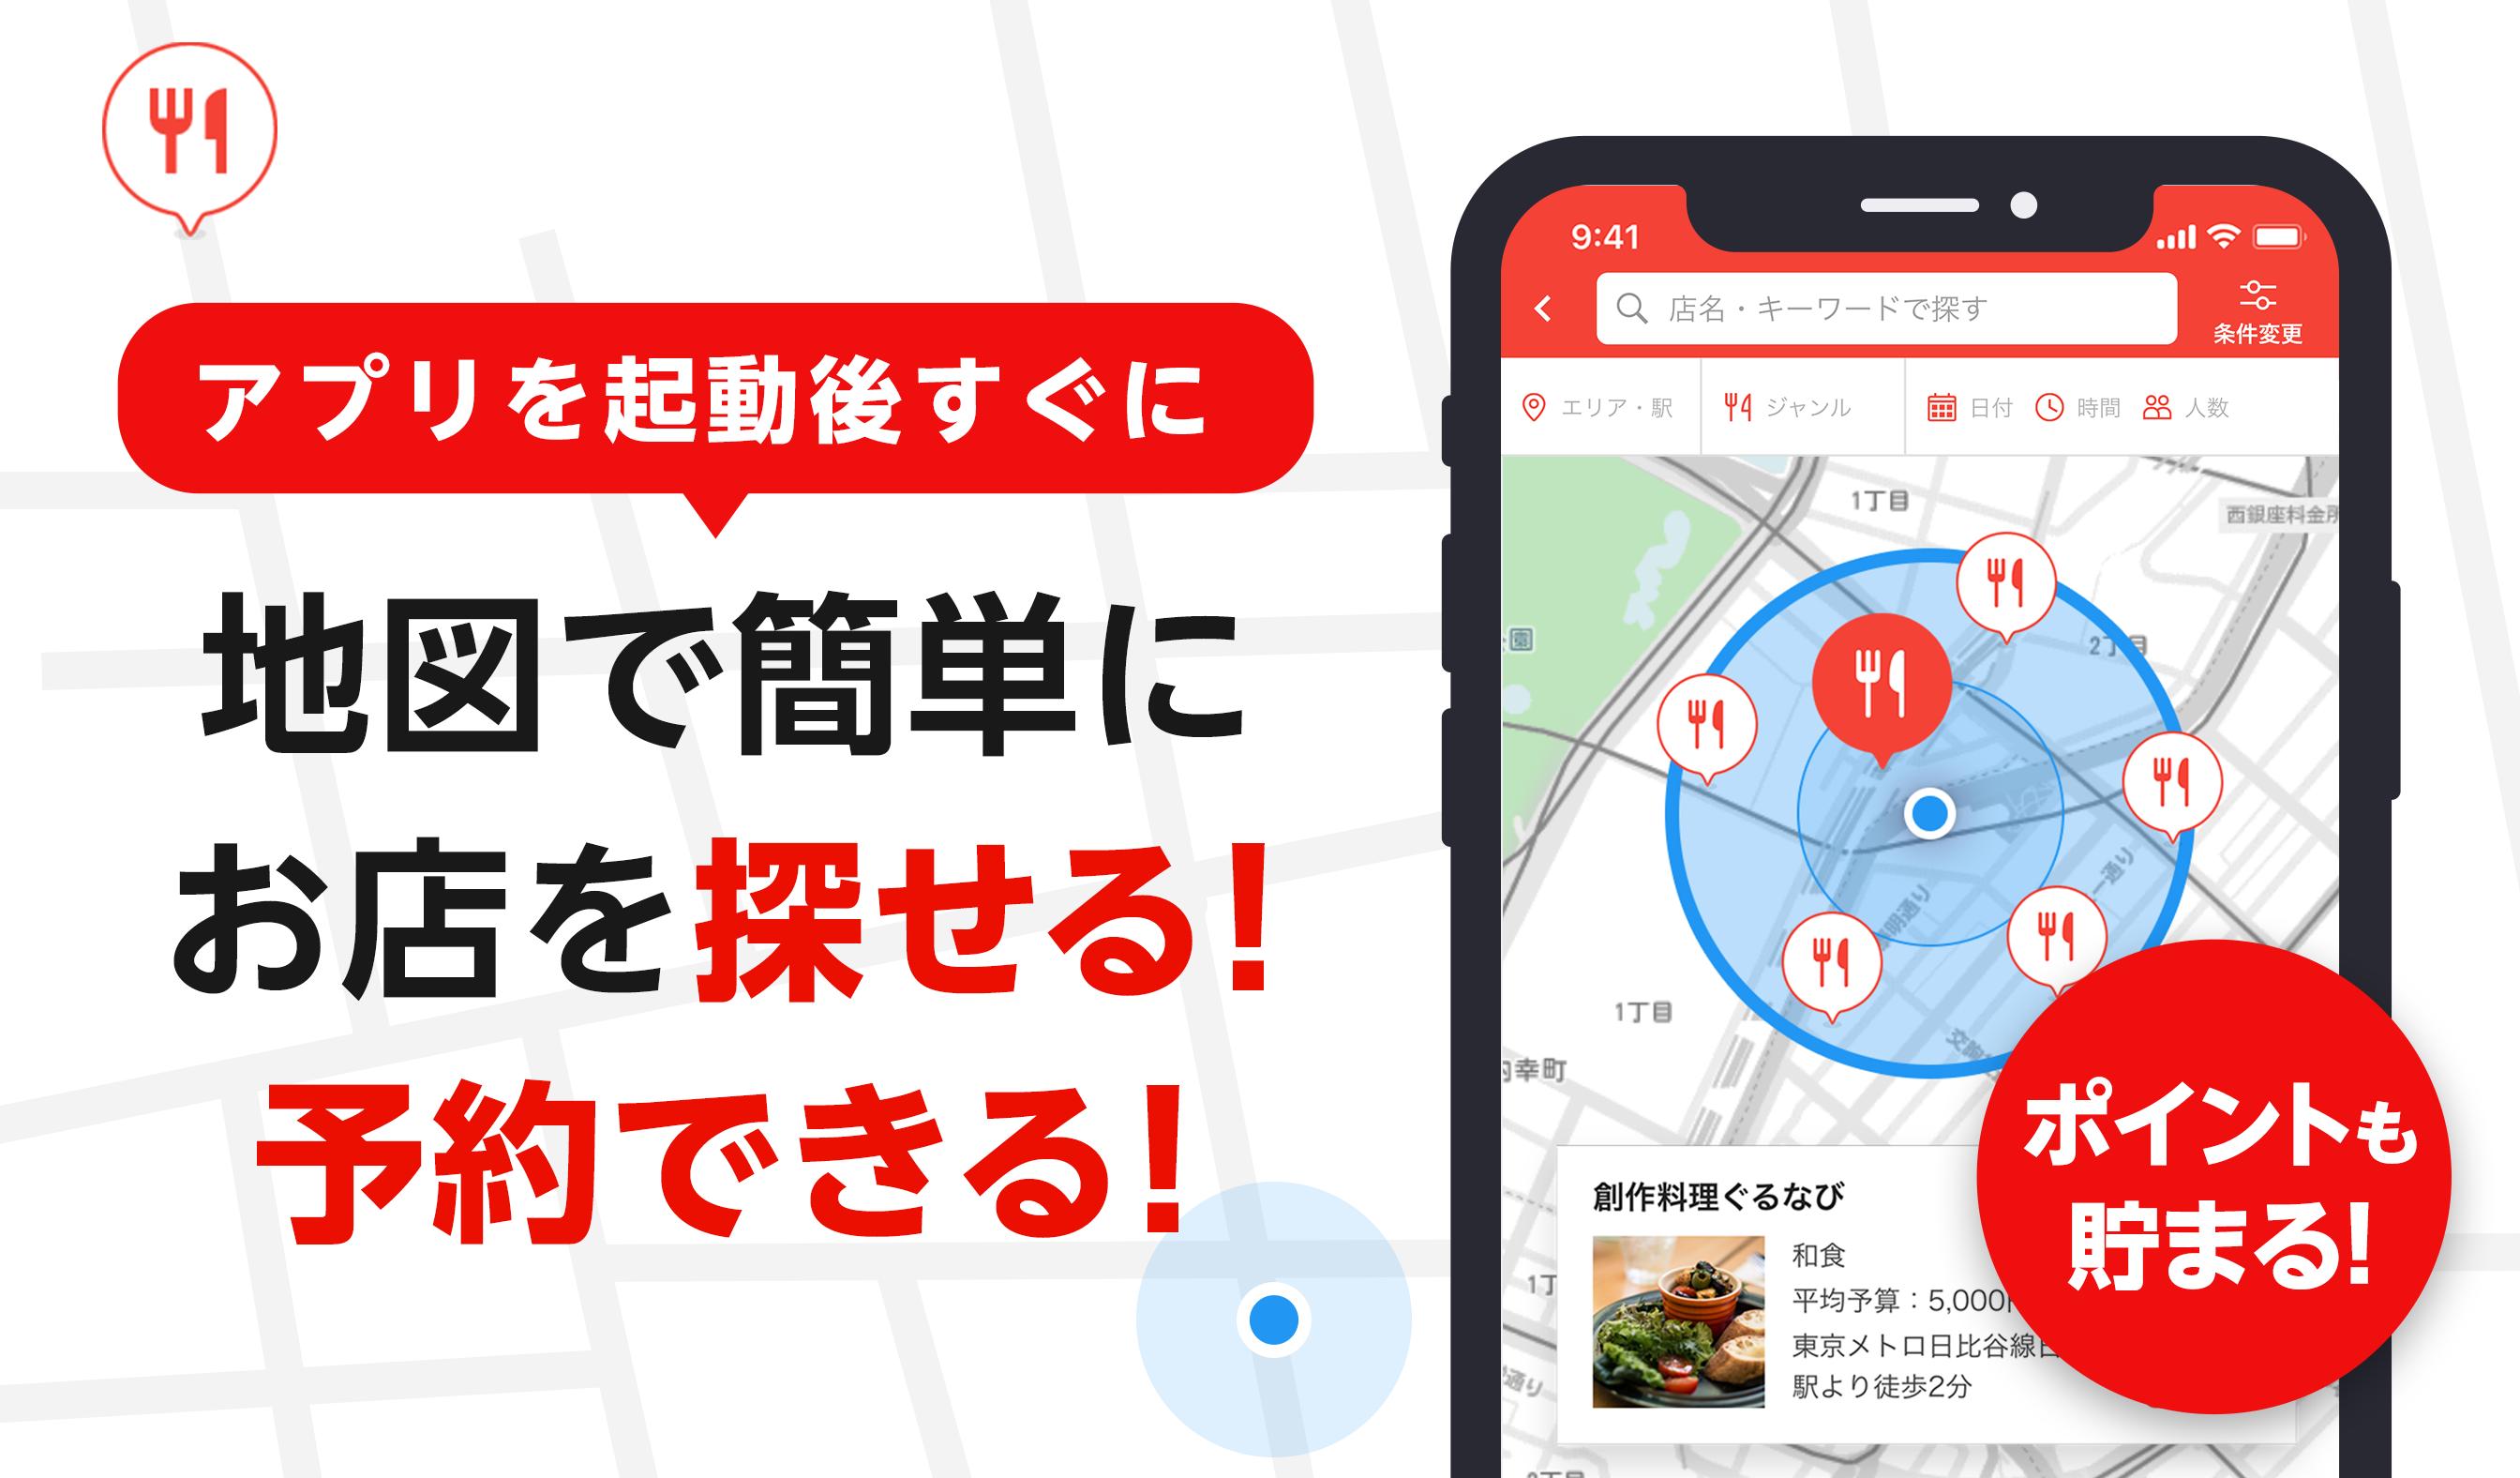 アプリを起動後すぐに、周辺のお店を手早く簡単に探せる!